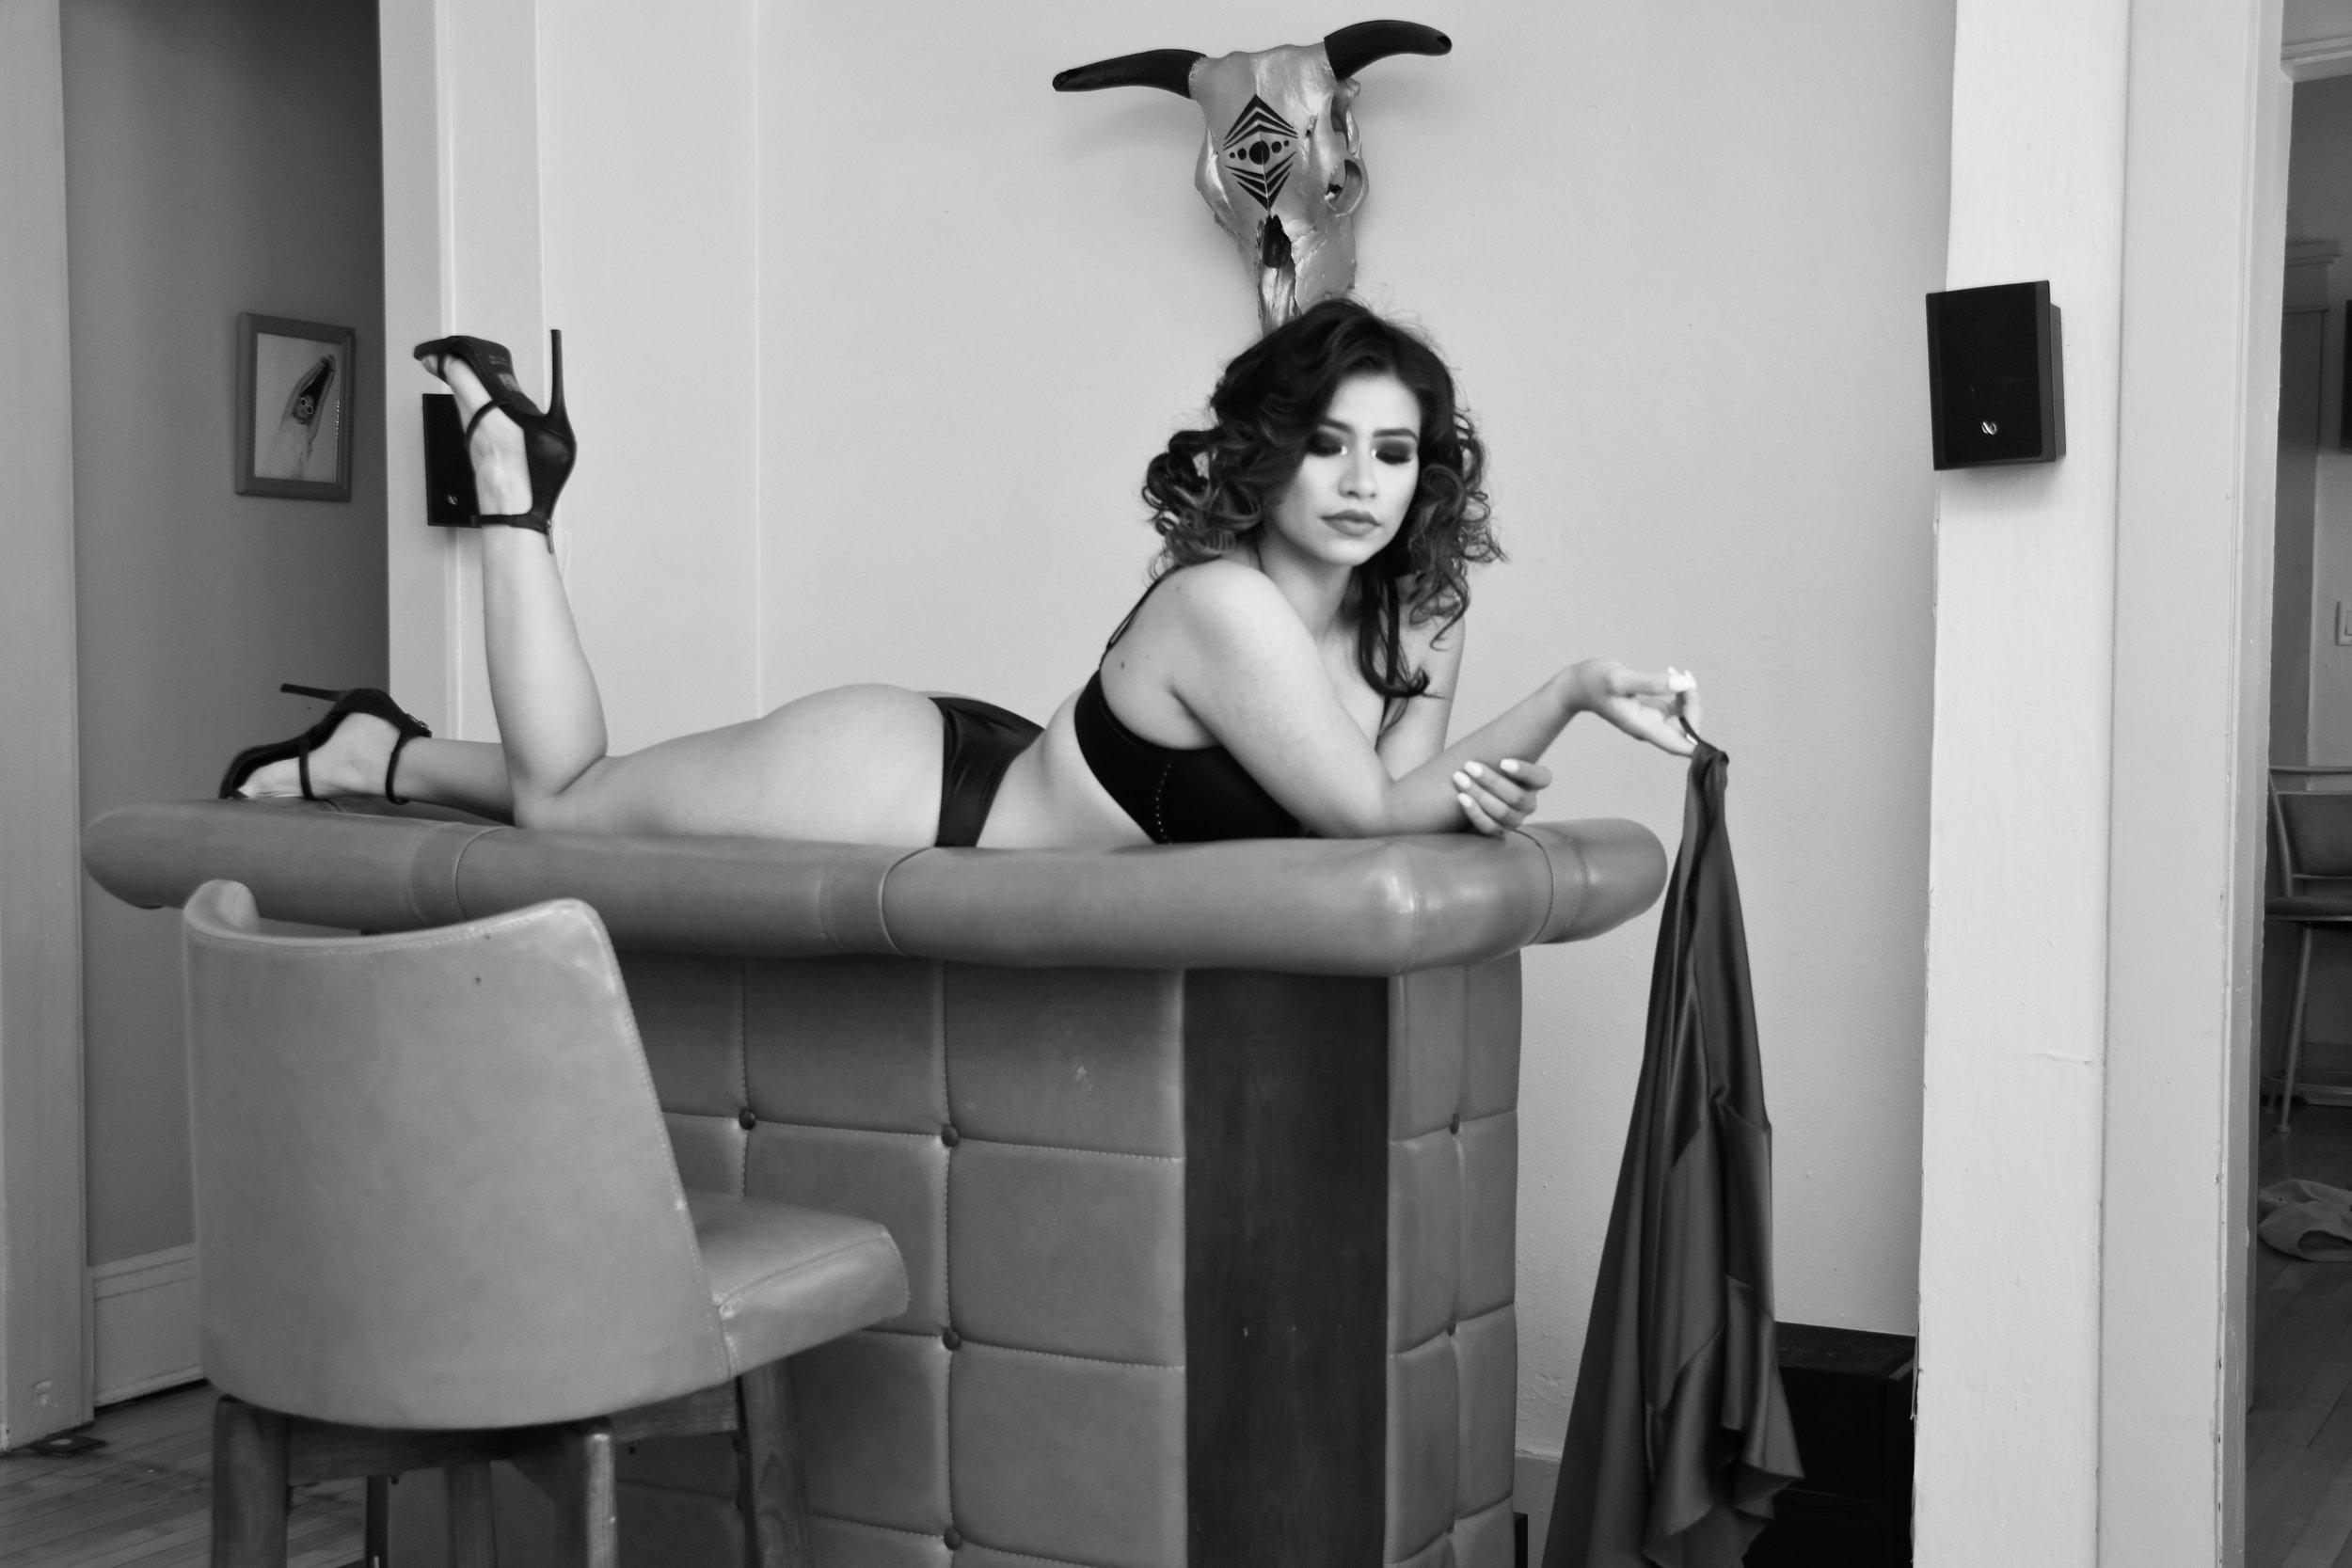 Cristina-4474.jpg